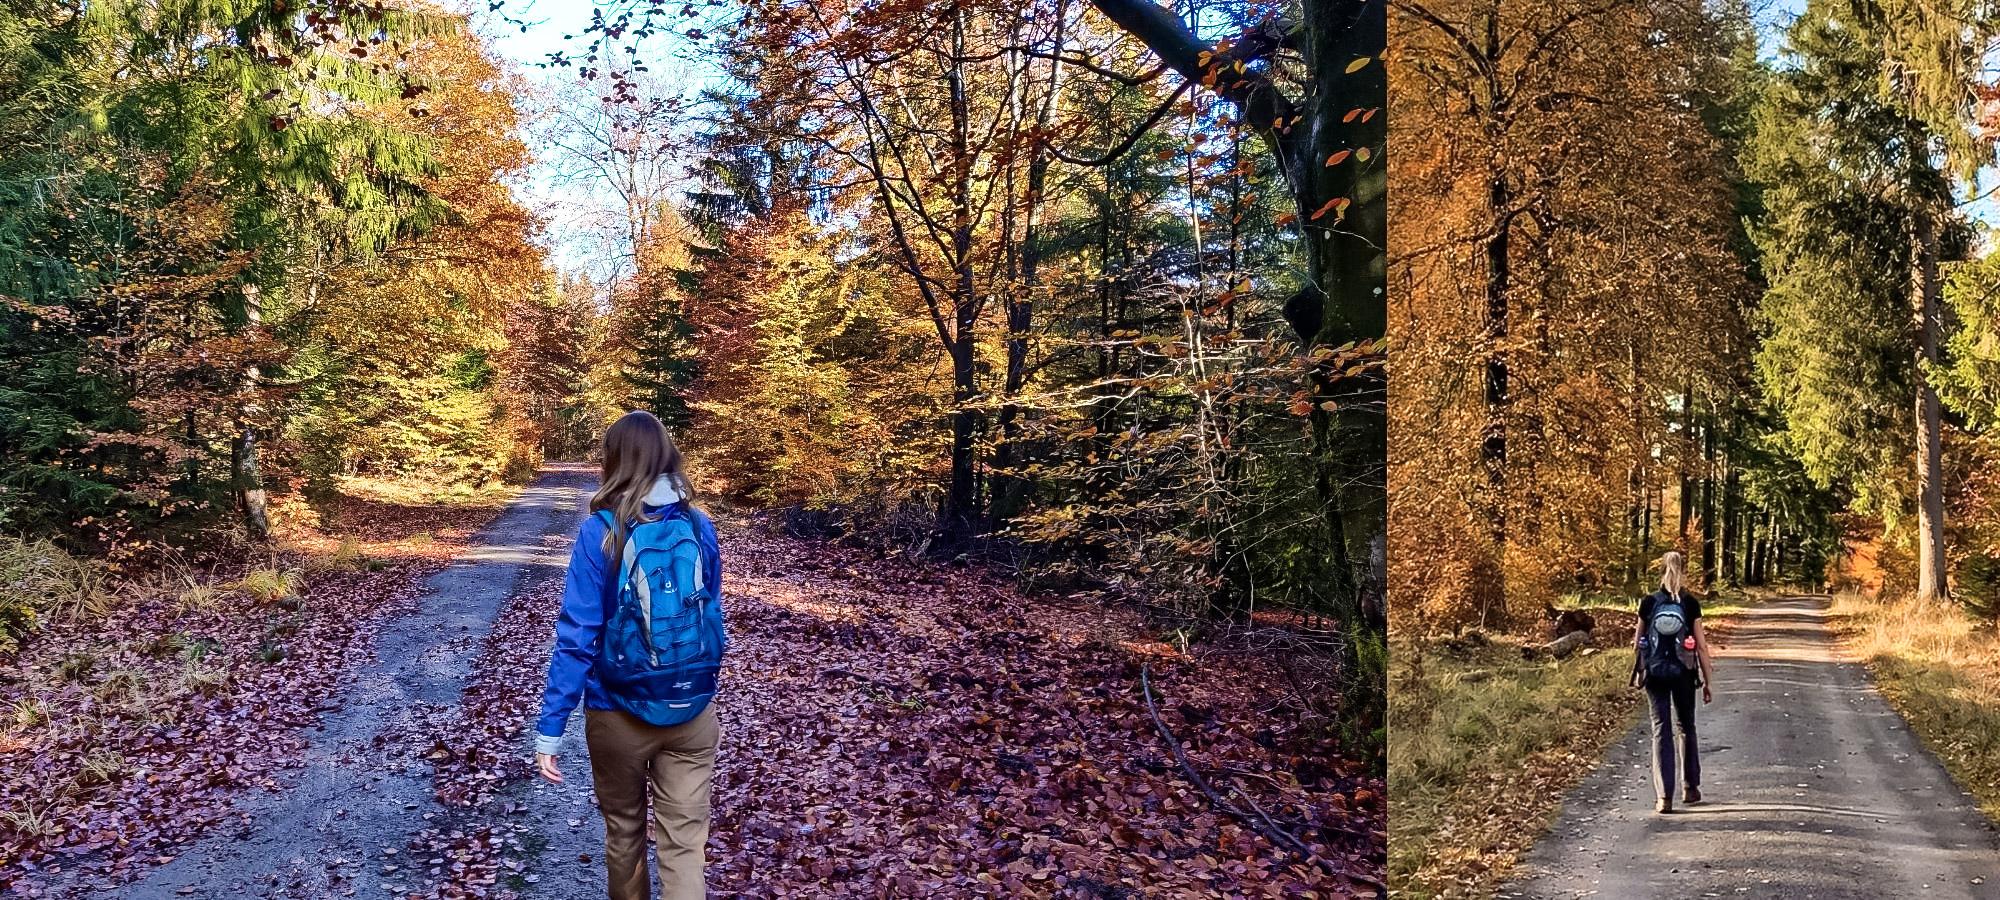 Trekker hiking through a forest, Belgium